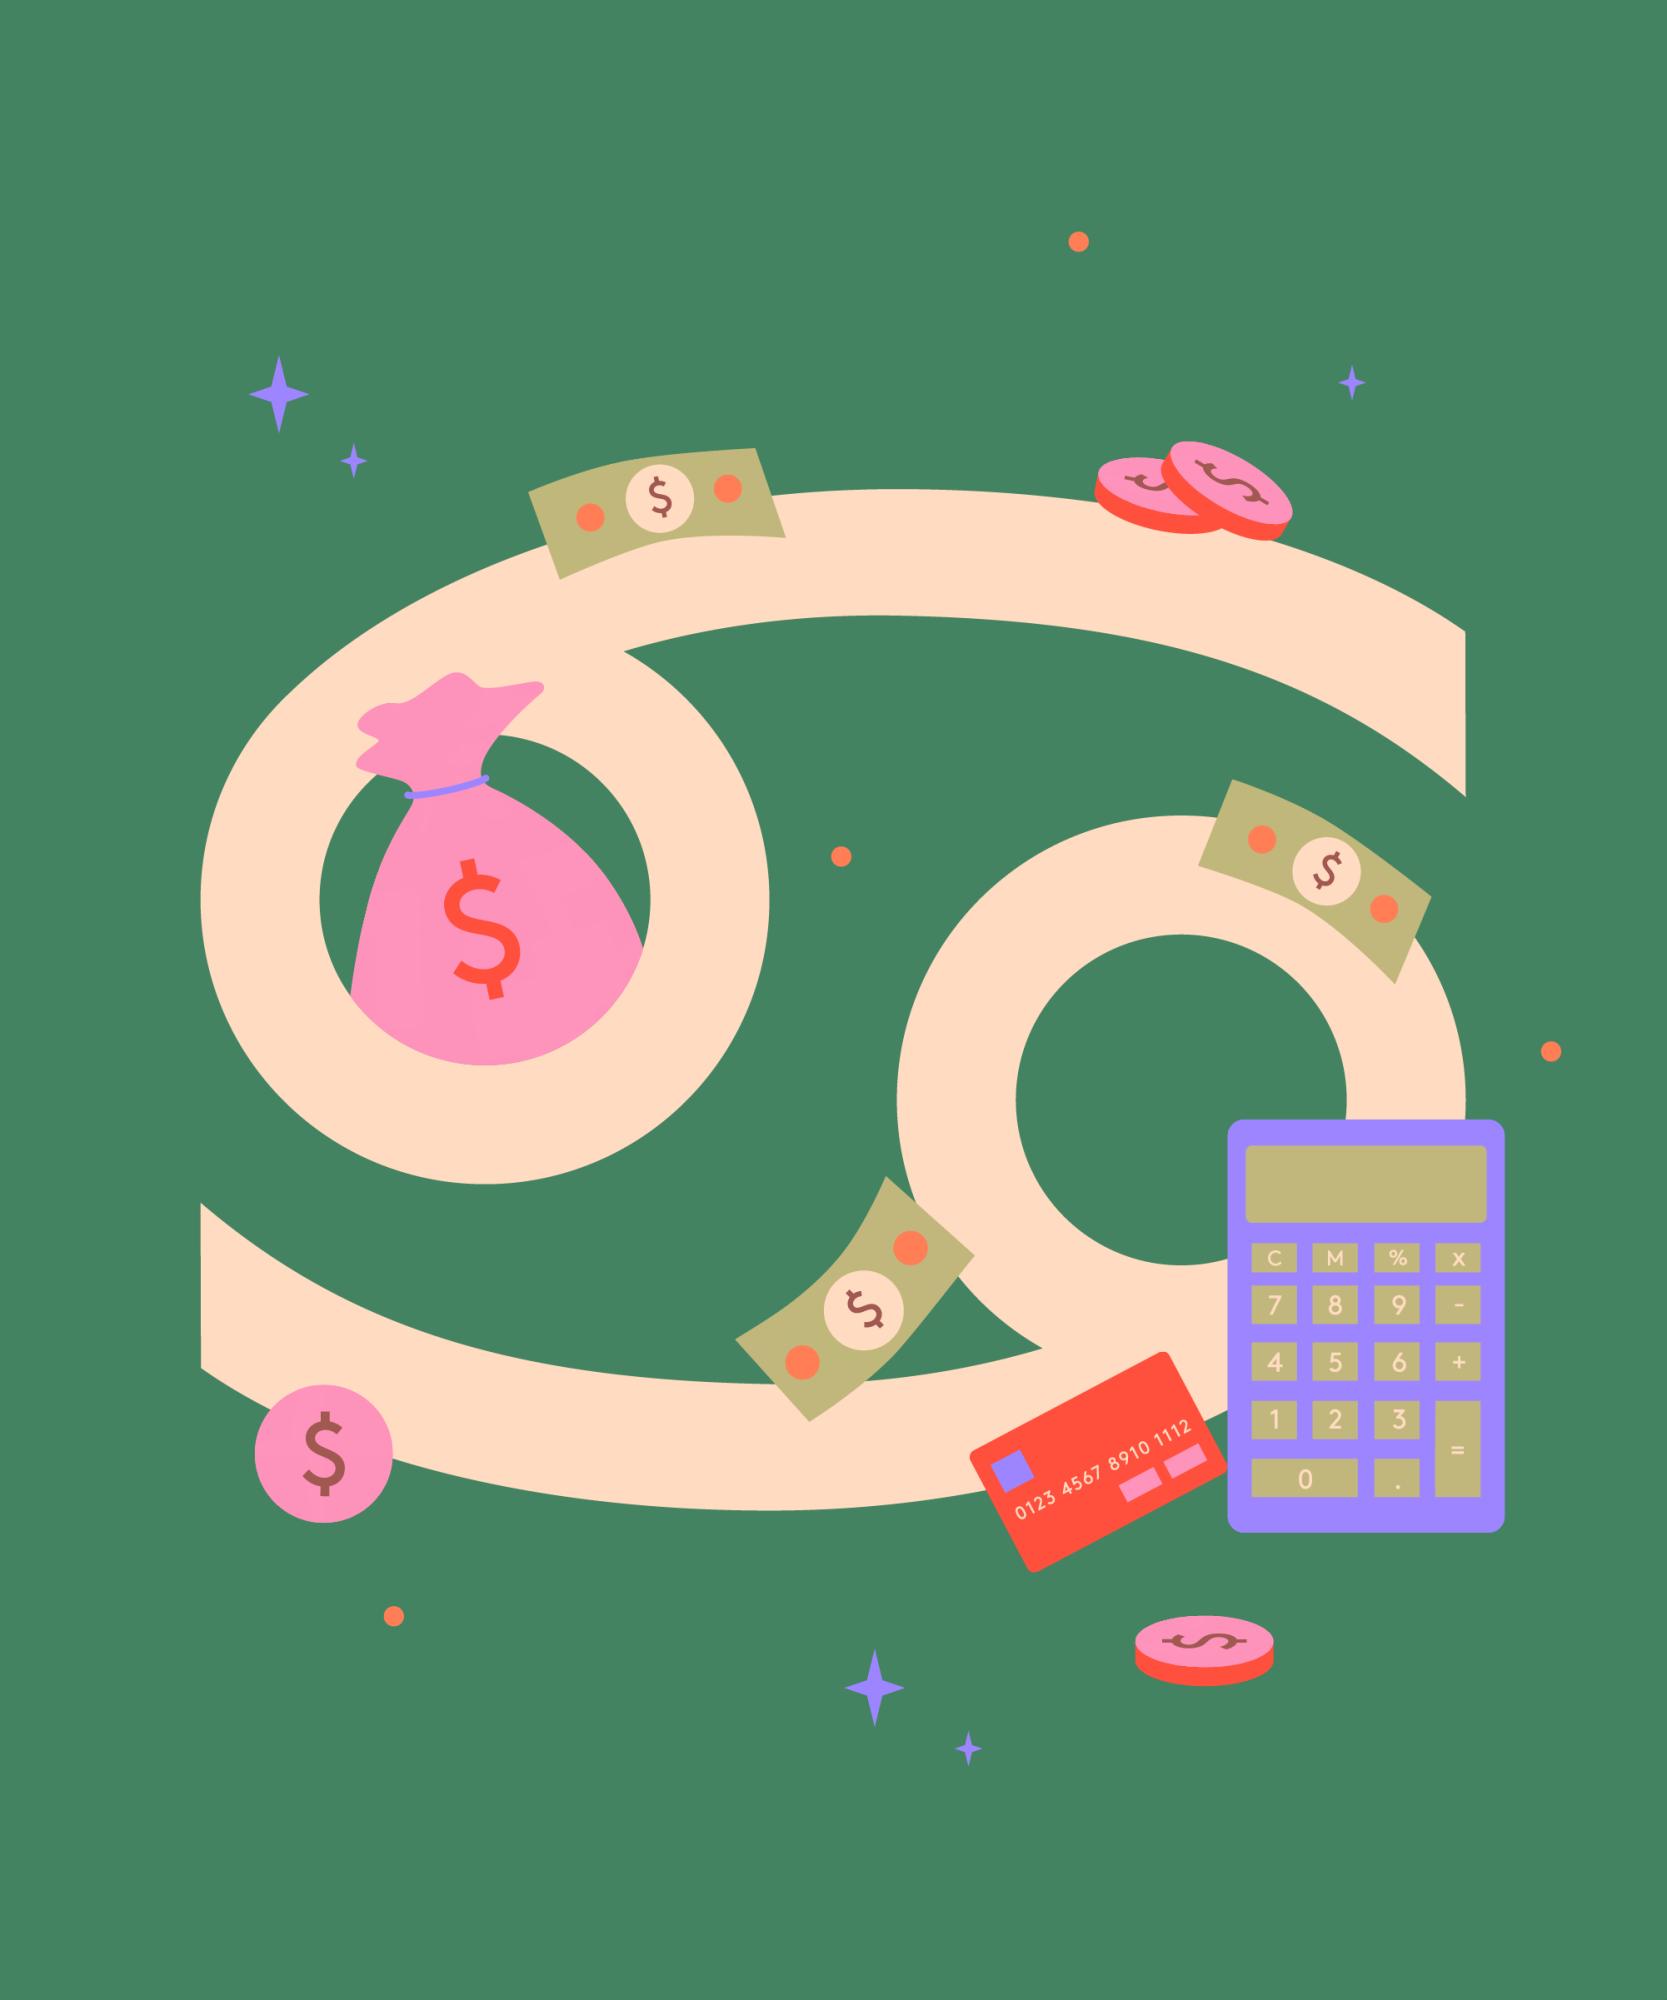 Tử vi tài chính Horoscope 2019 với Cự Giải